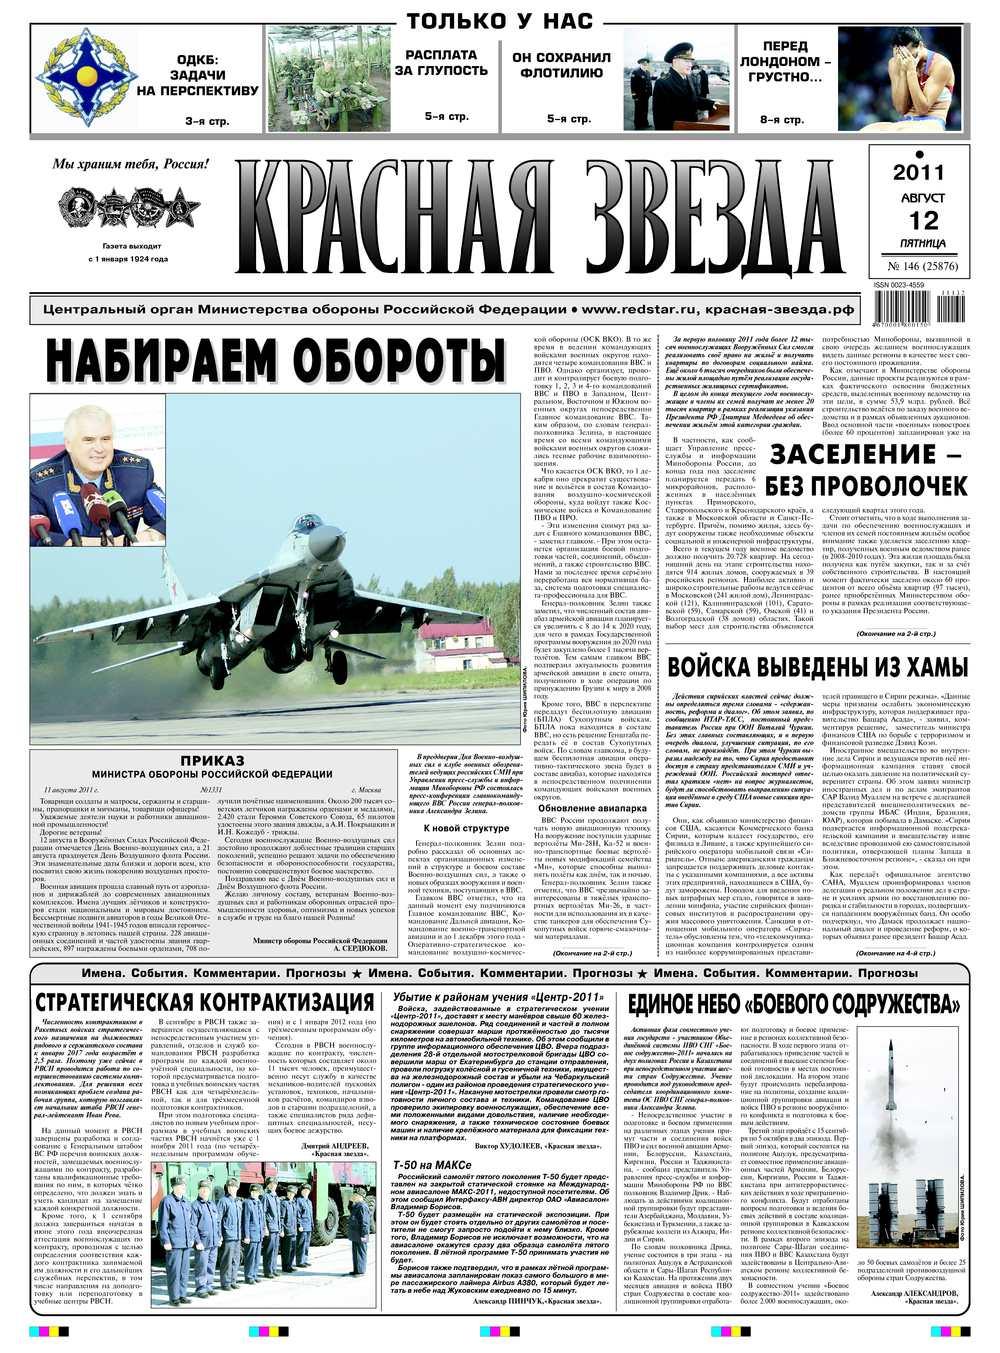 Красная звезда - 12 августа 2011г.